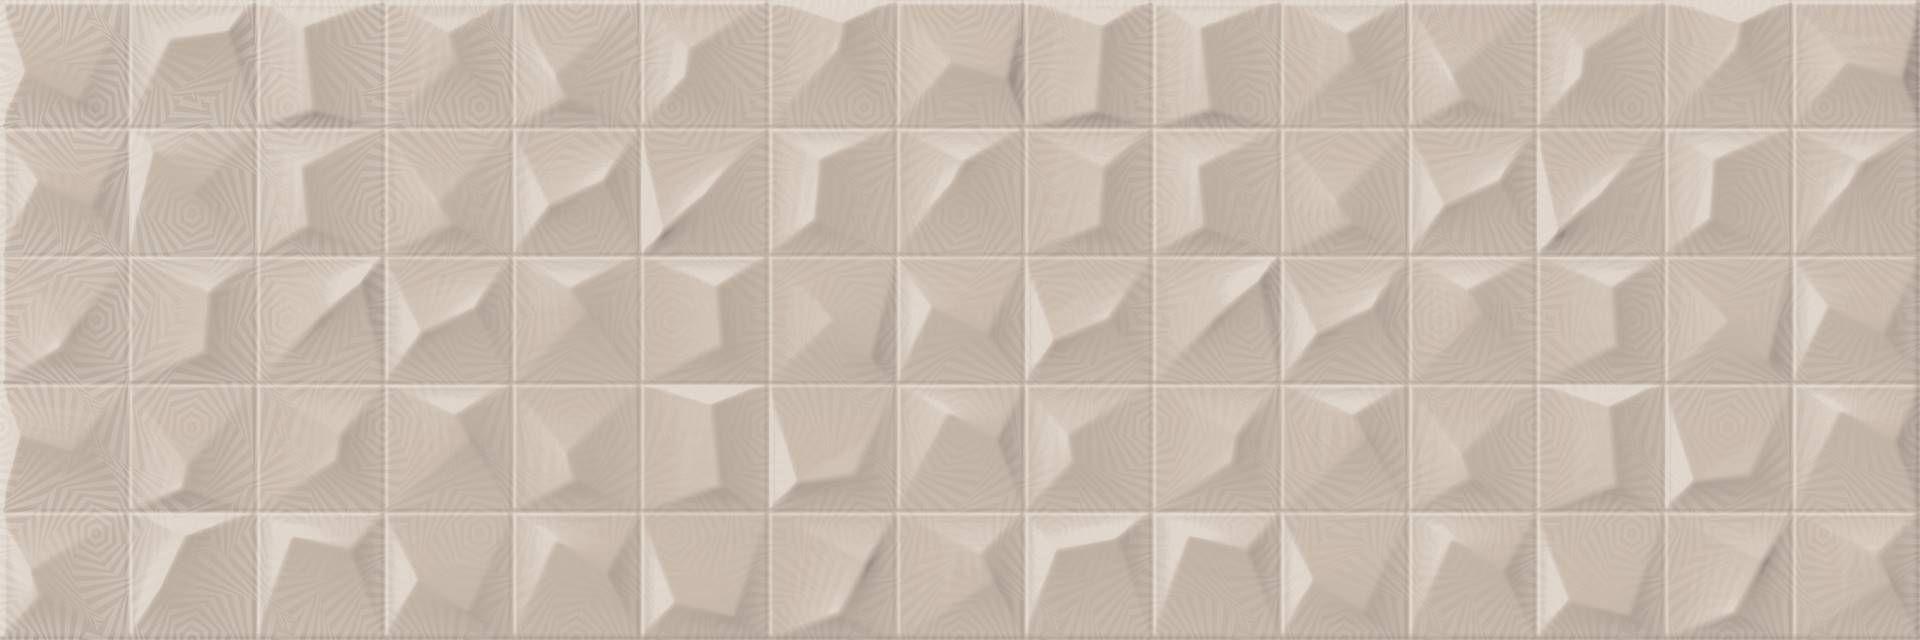 Купить Керамическая плитка Cifre Cromatica Kleber Vison настенная 25х75, Cifre Ceramica, Испания